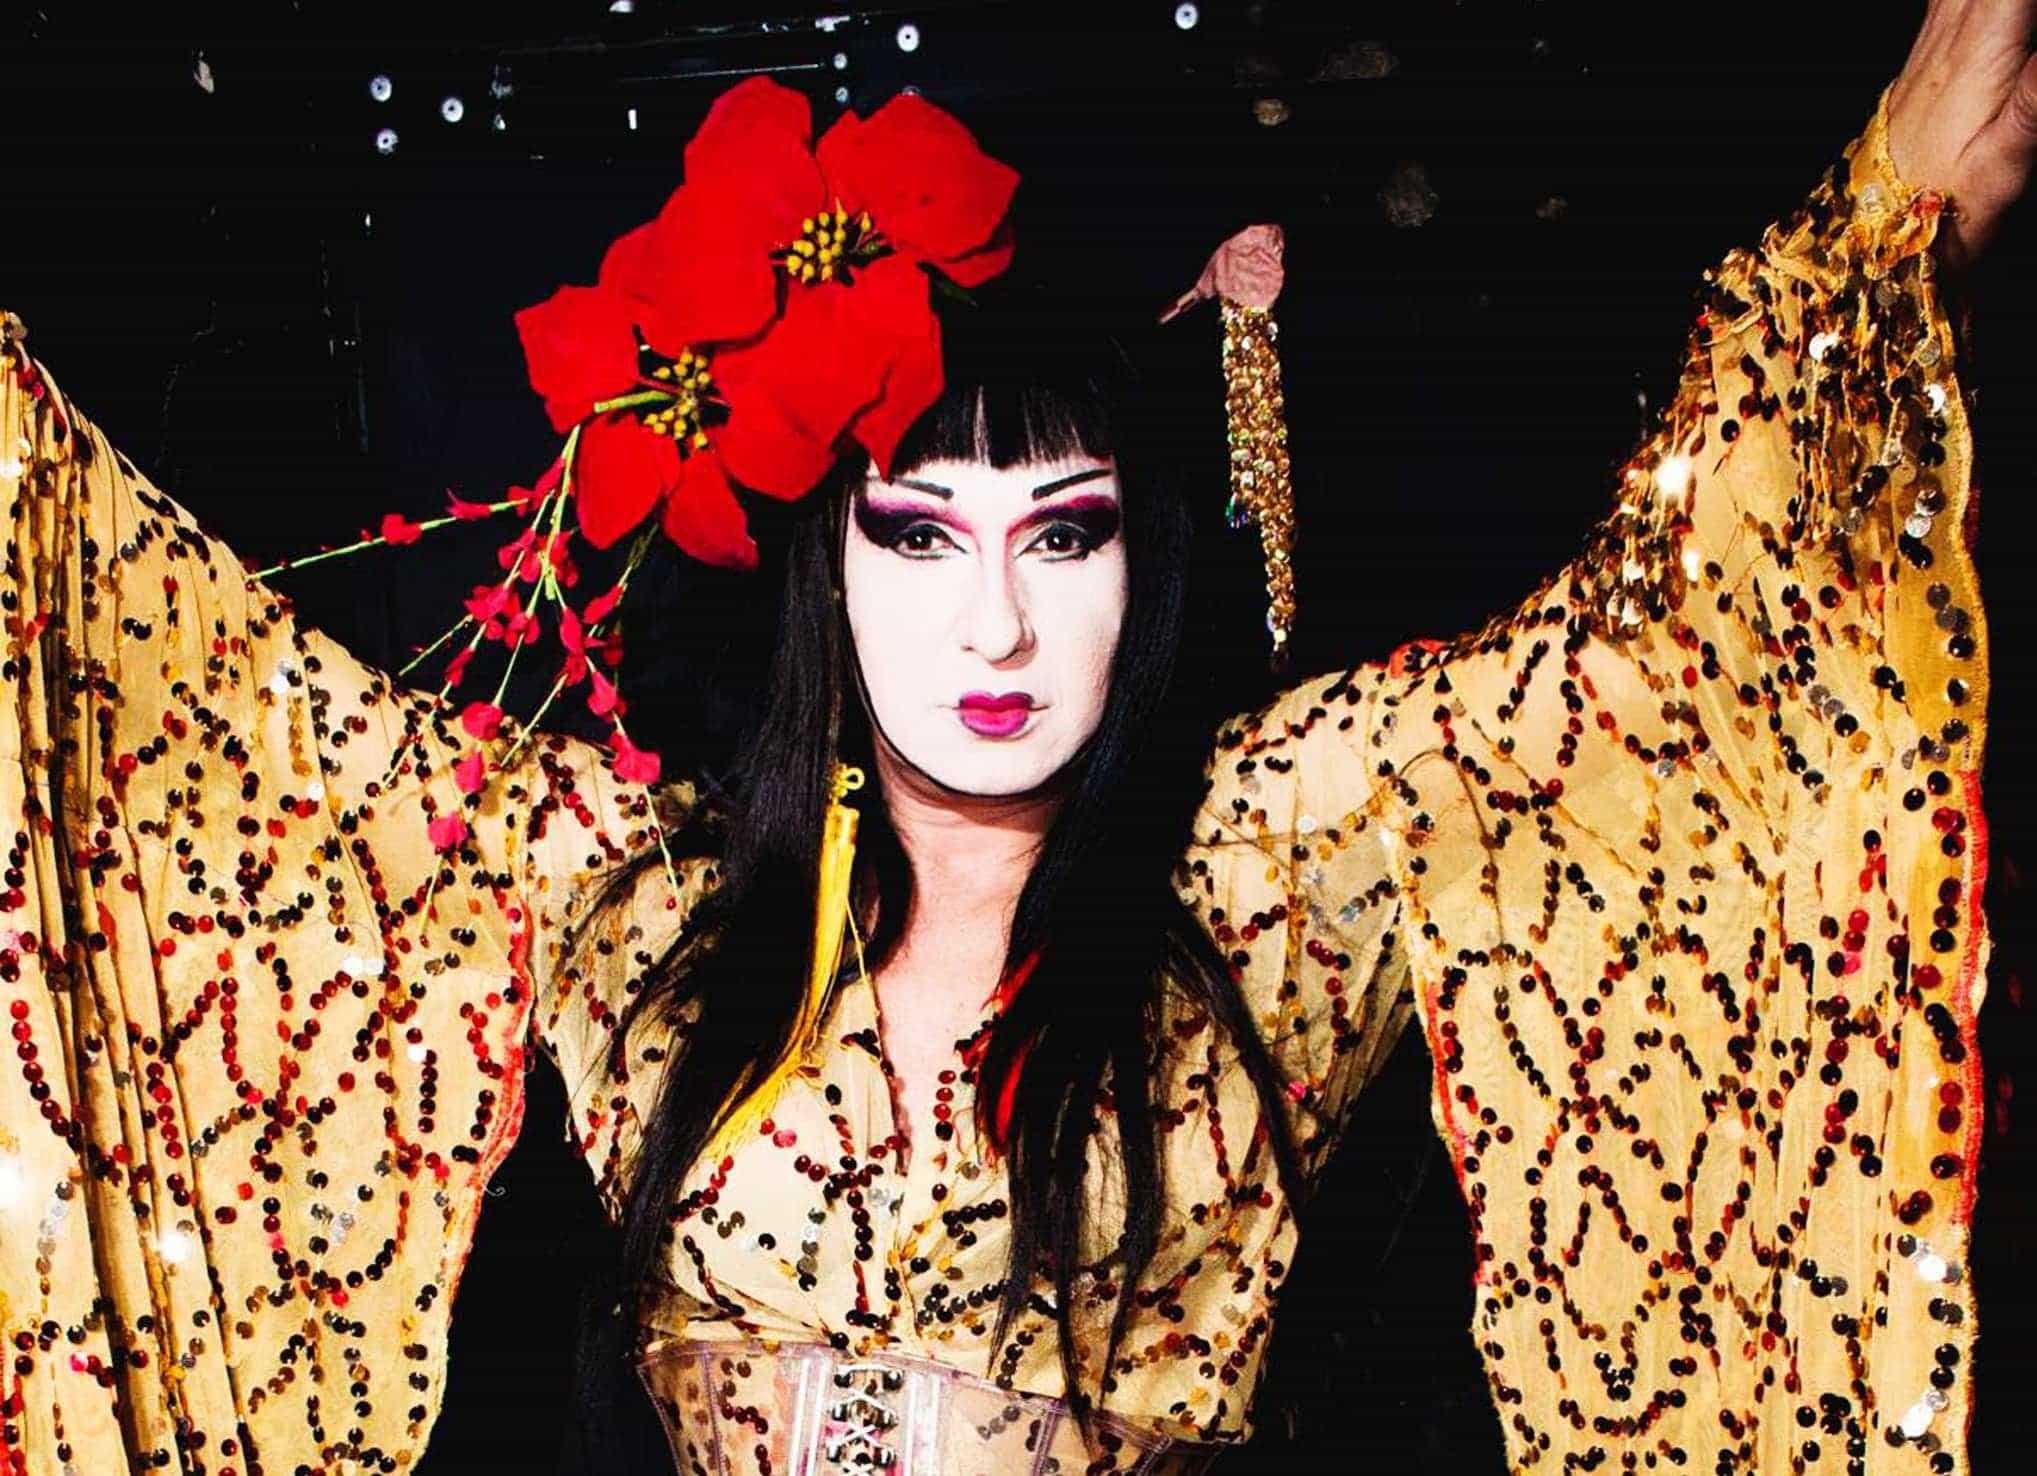 Drag Queen Carmen imagen 5